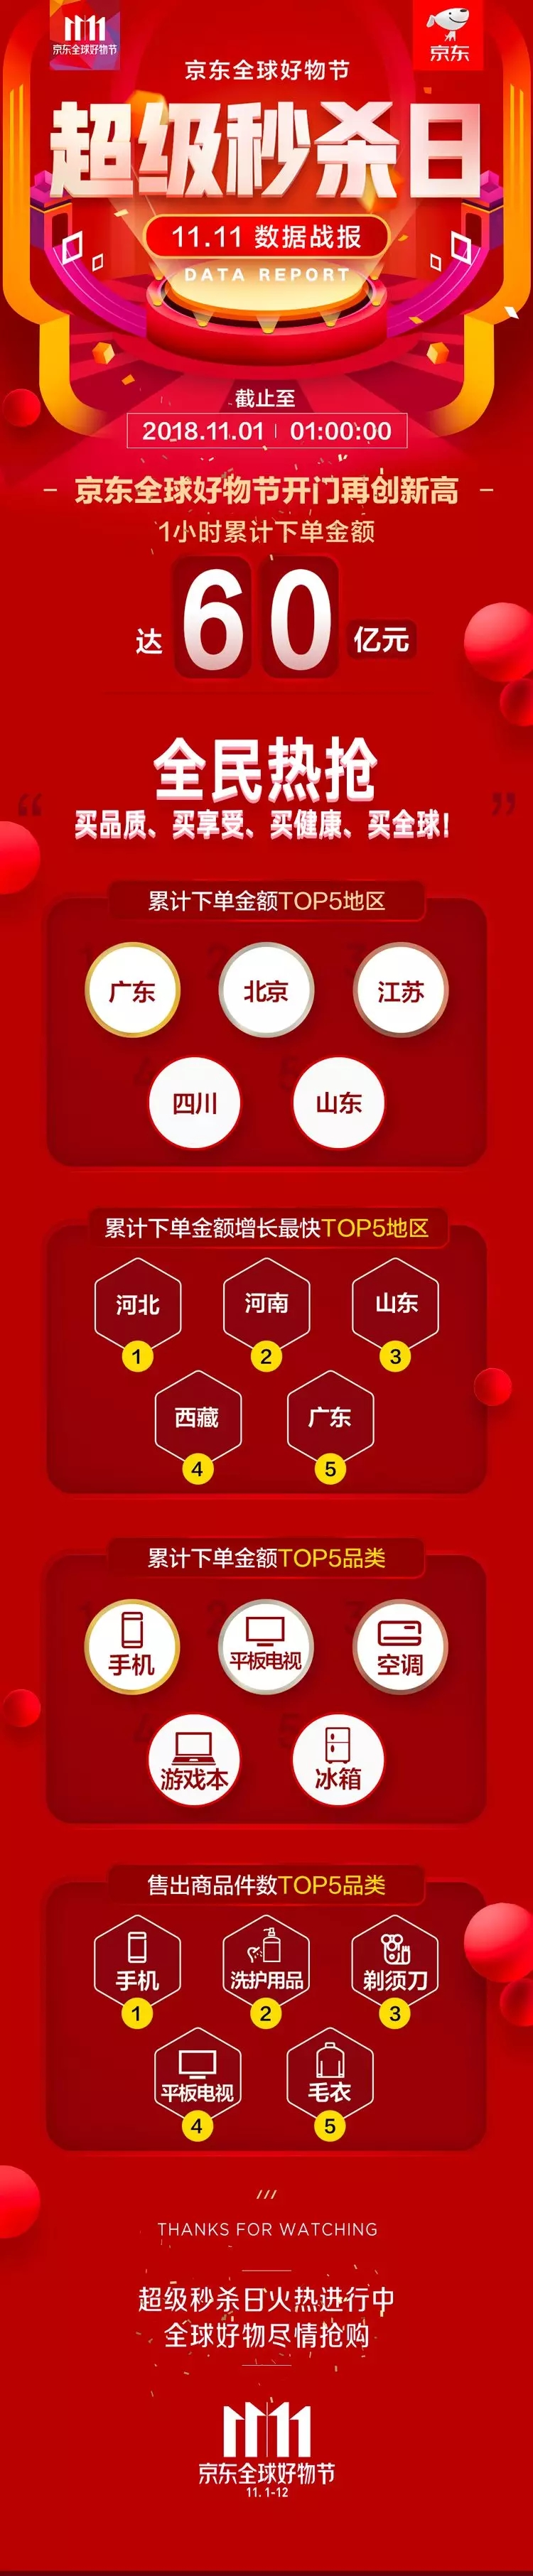 """京東11.11""""超級秒殺日""""60億開門紅,雙12更值期待!"""